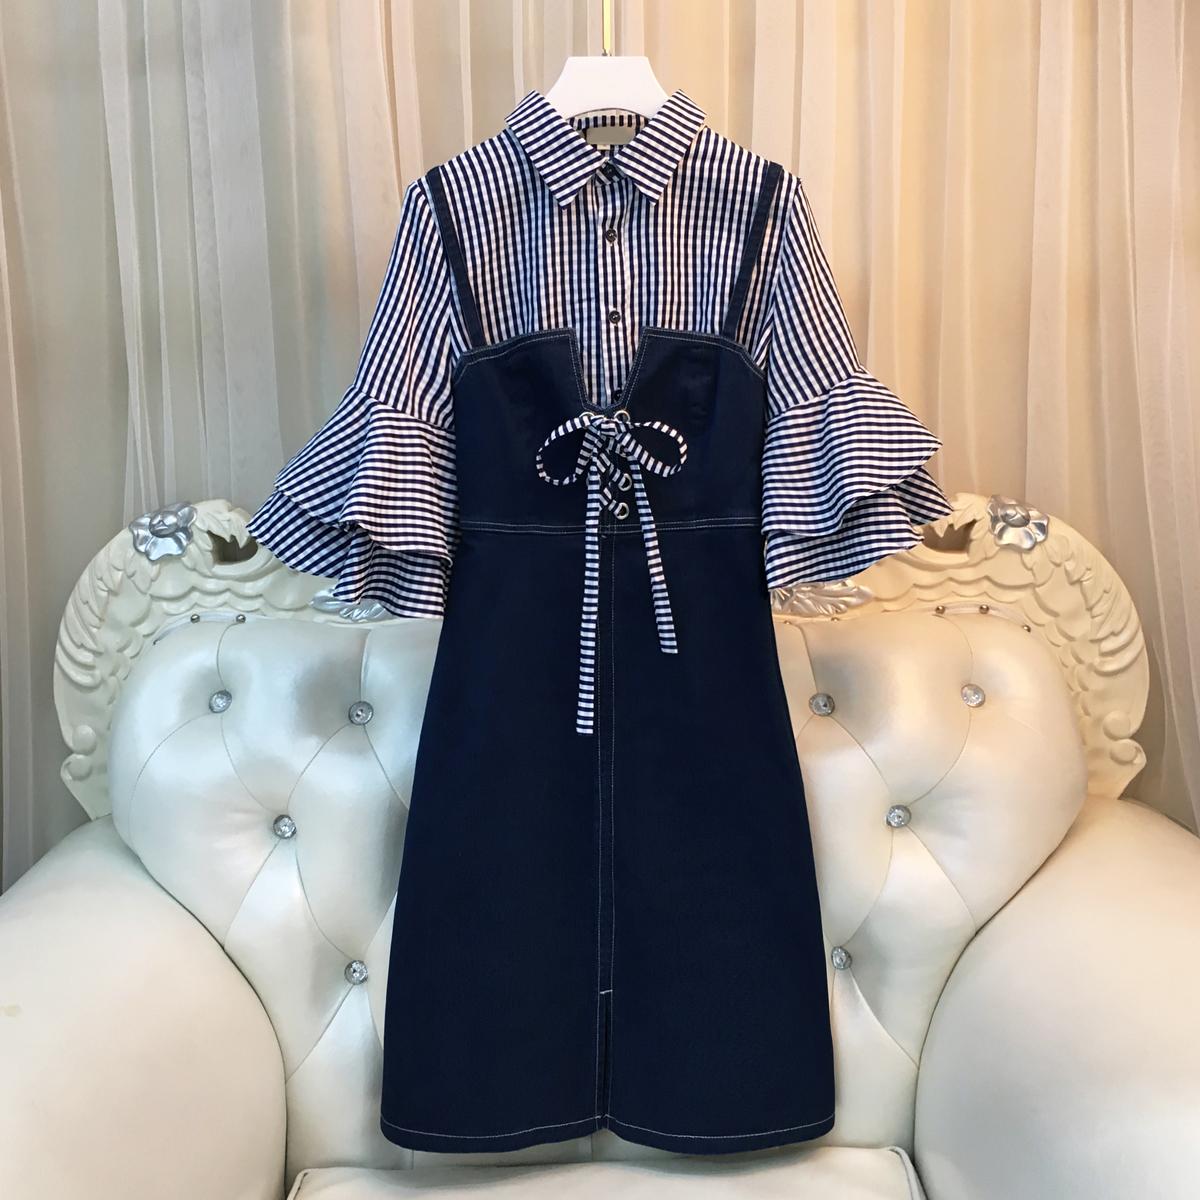 2018大码女装胖mm春装新款显瘦牛仔背带裙喇叭袖衬衫连衣裙两件套